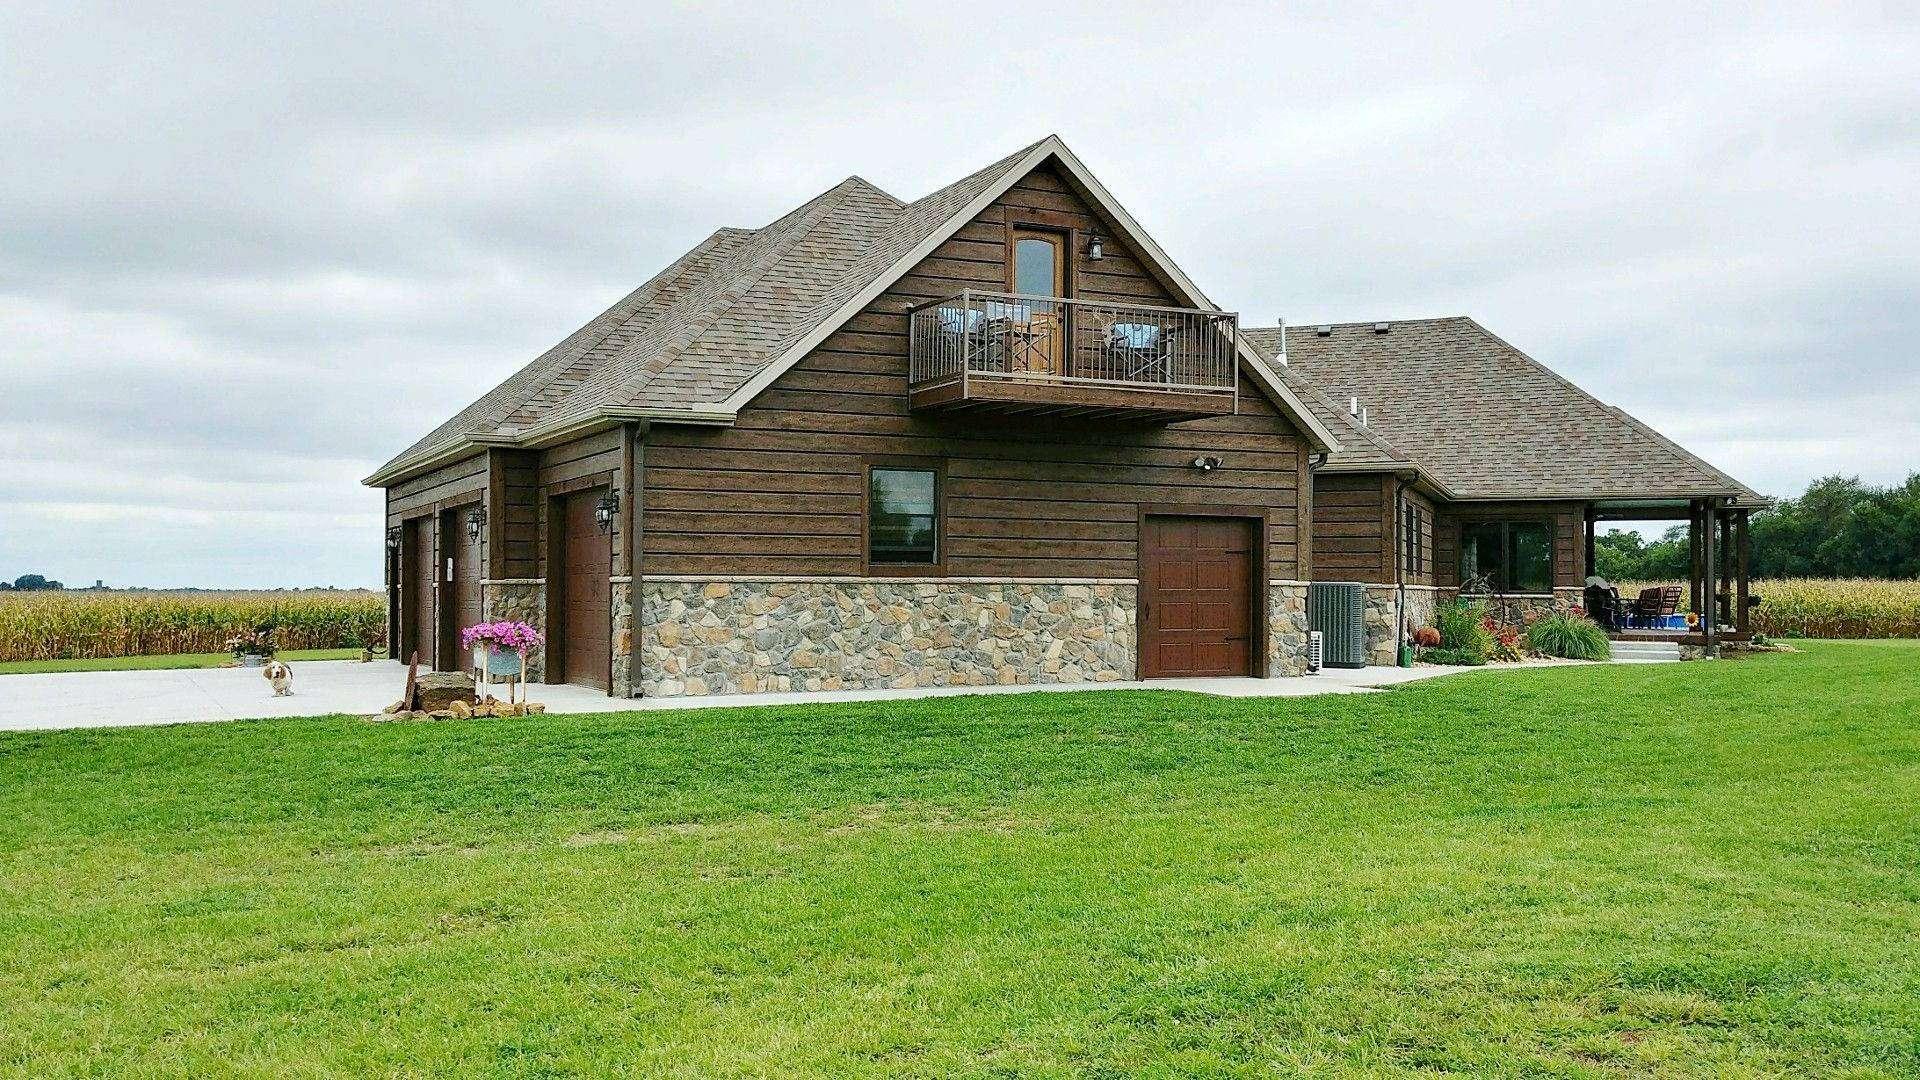 Scammon Kansas Log Sided Farm House Everlog Systems